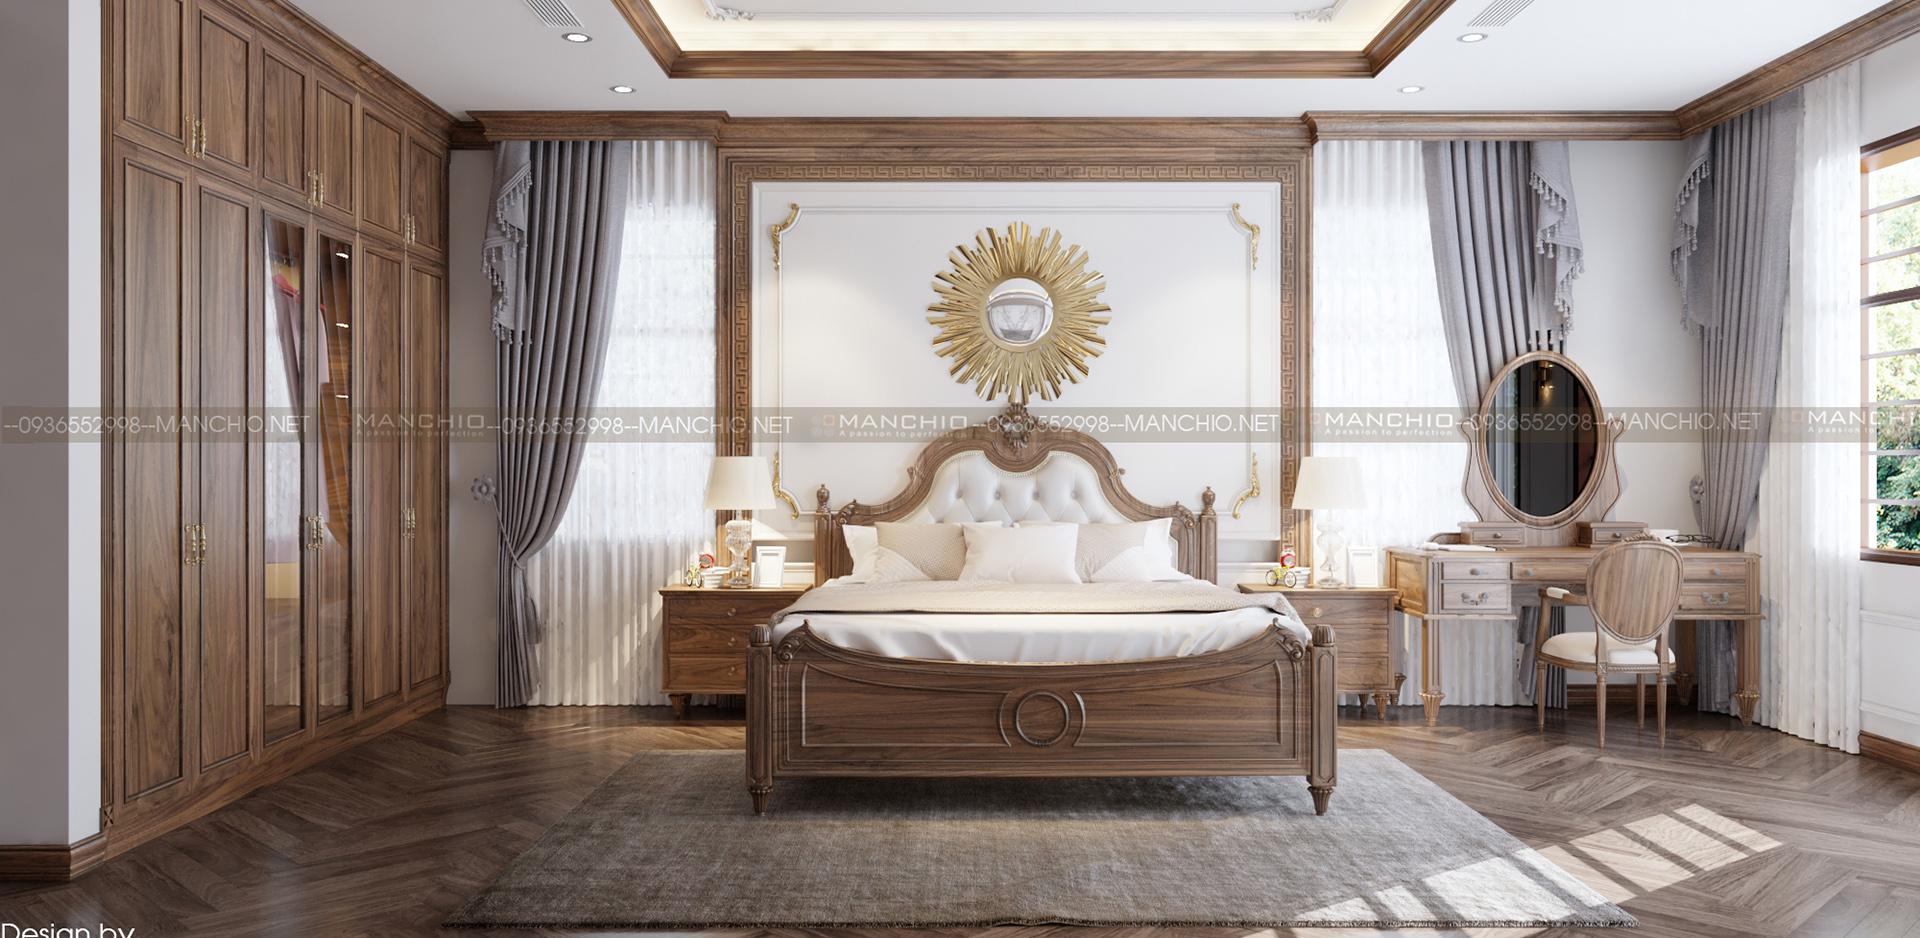 Thiết kế nội thất phòng ngủ Master biệt thự cao cấp